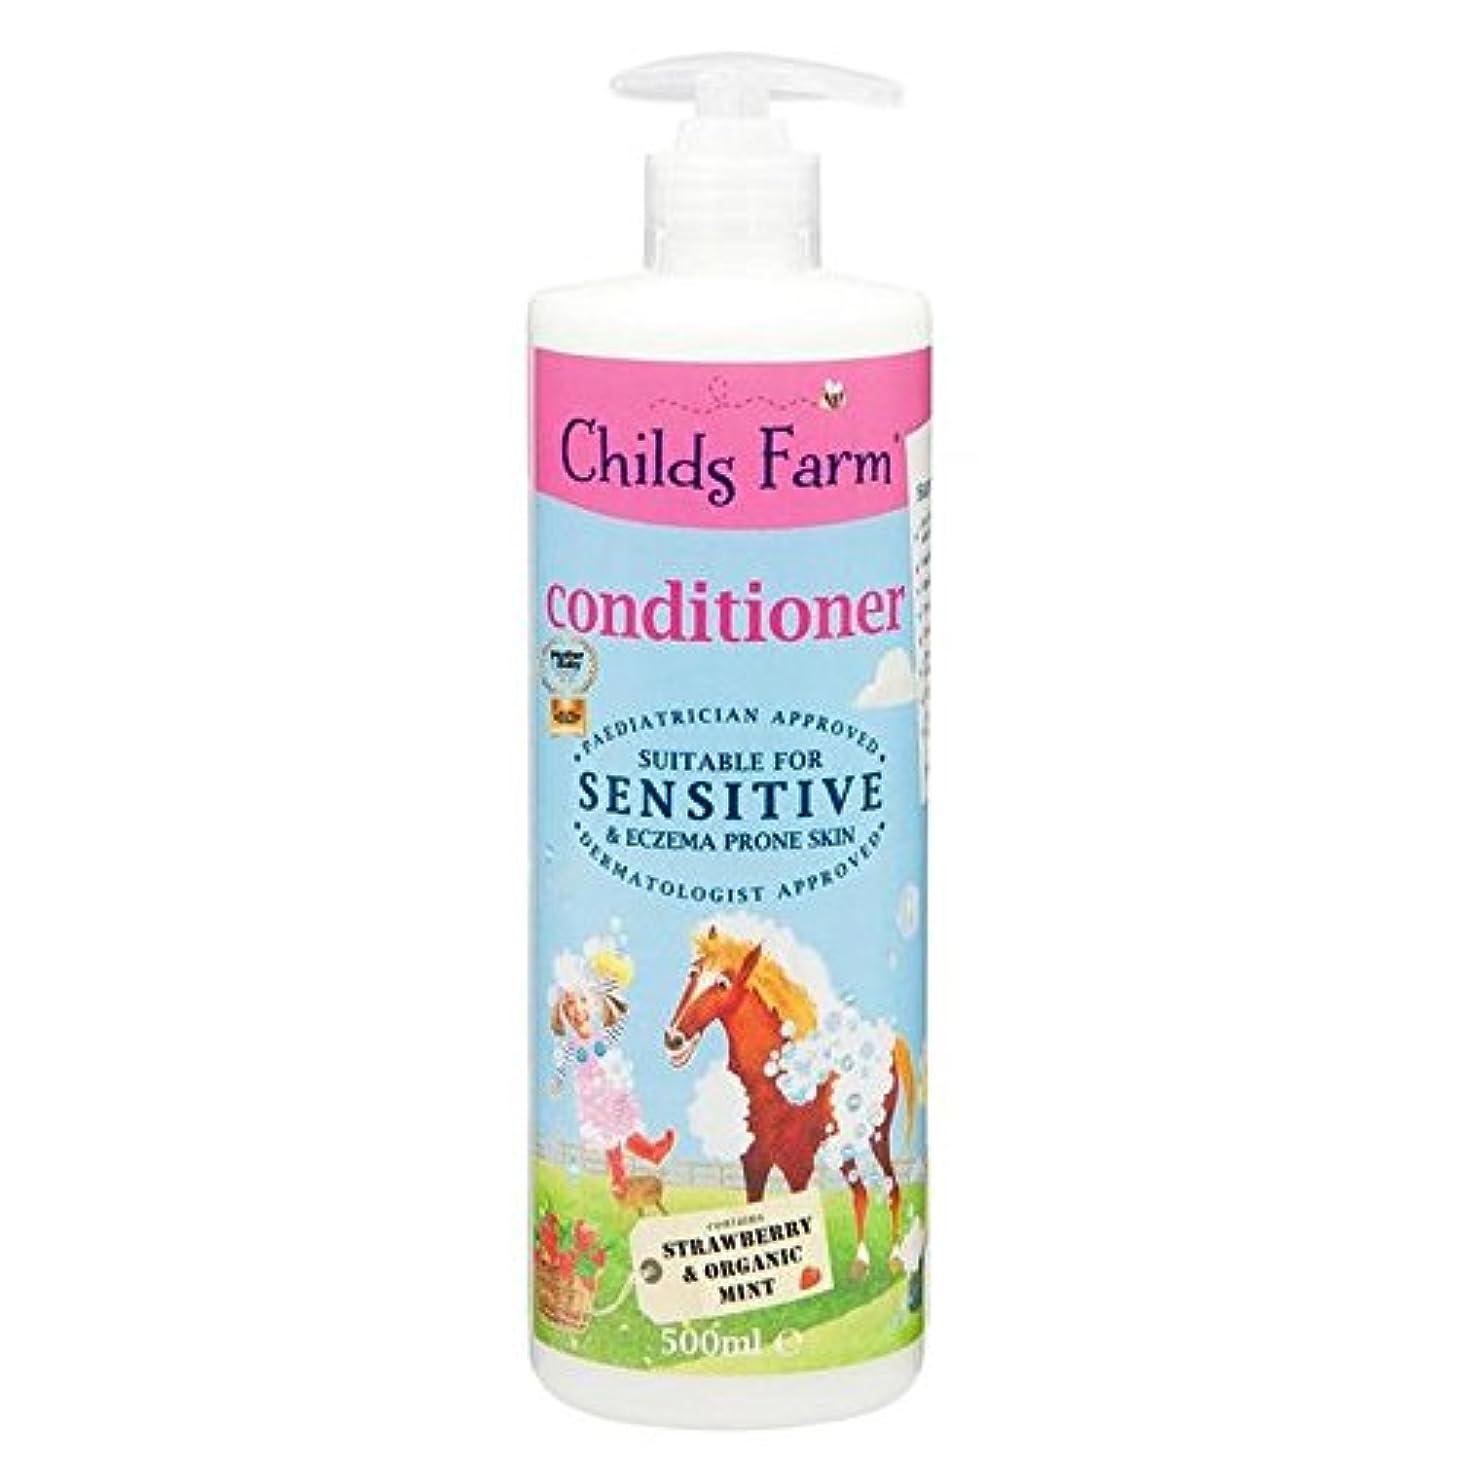 踏み台溶接非難Childs Farm Conditioner for Unruly Hair 500ml (Pack of 6) - 手に負えない髪の500ミリリットルのためのチャイルズファームコンディショナー x6 [並行輸入品]